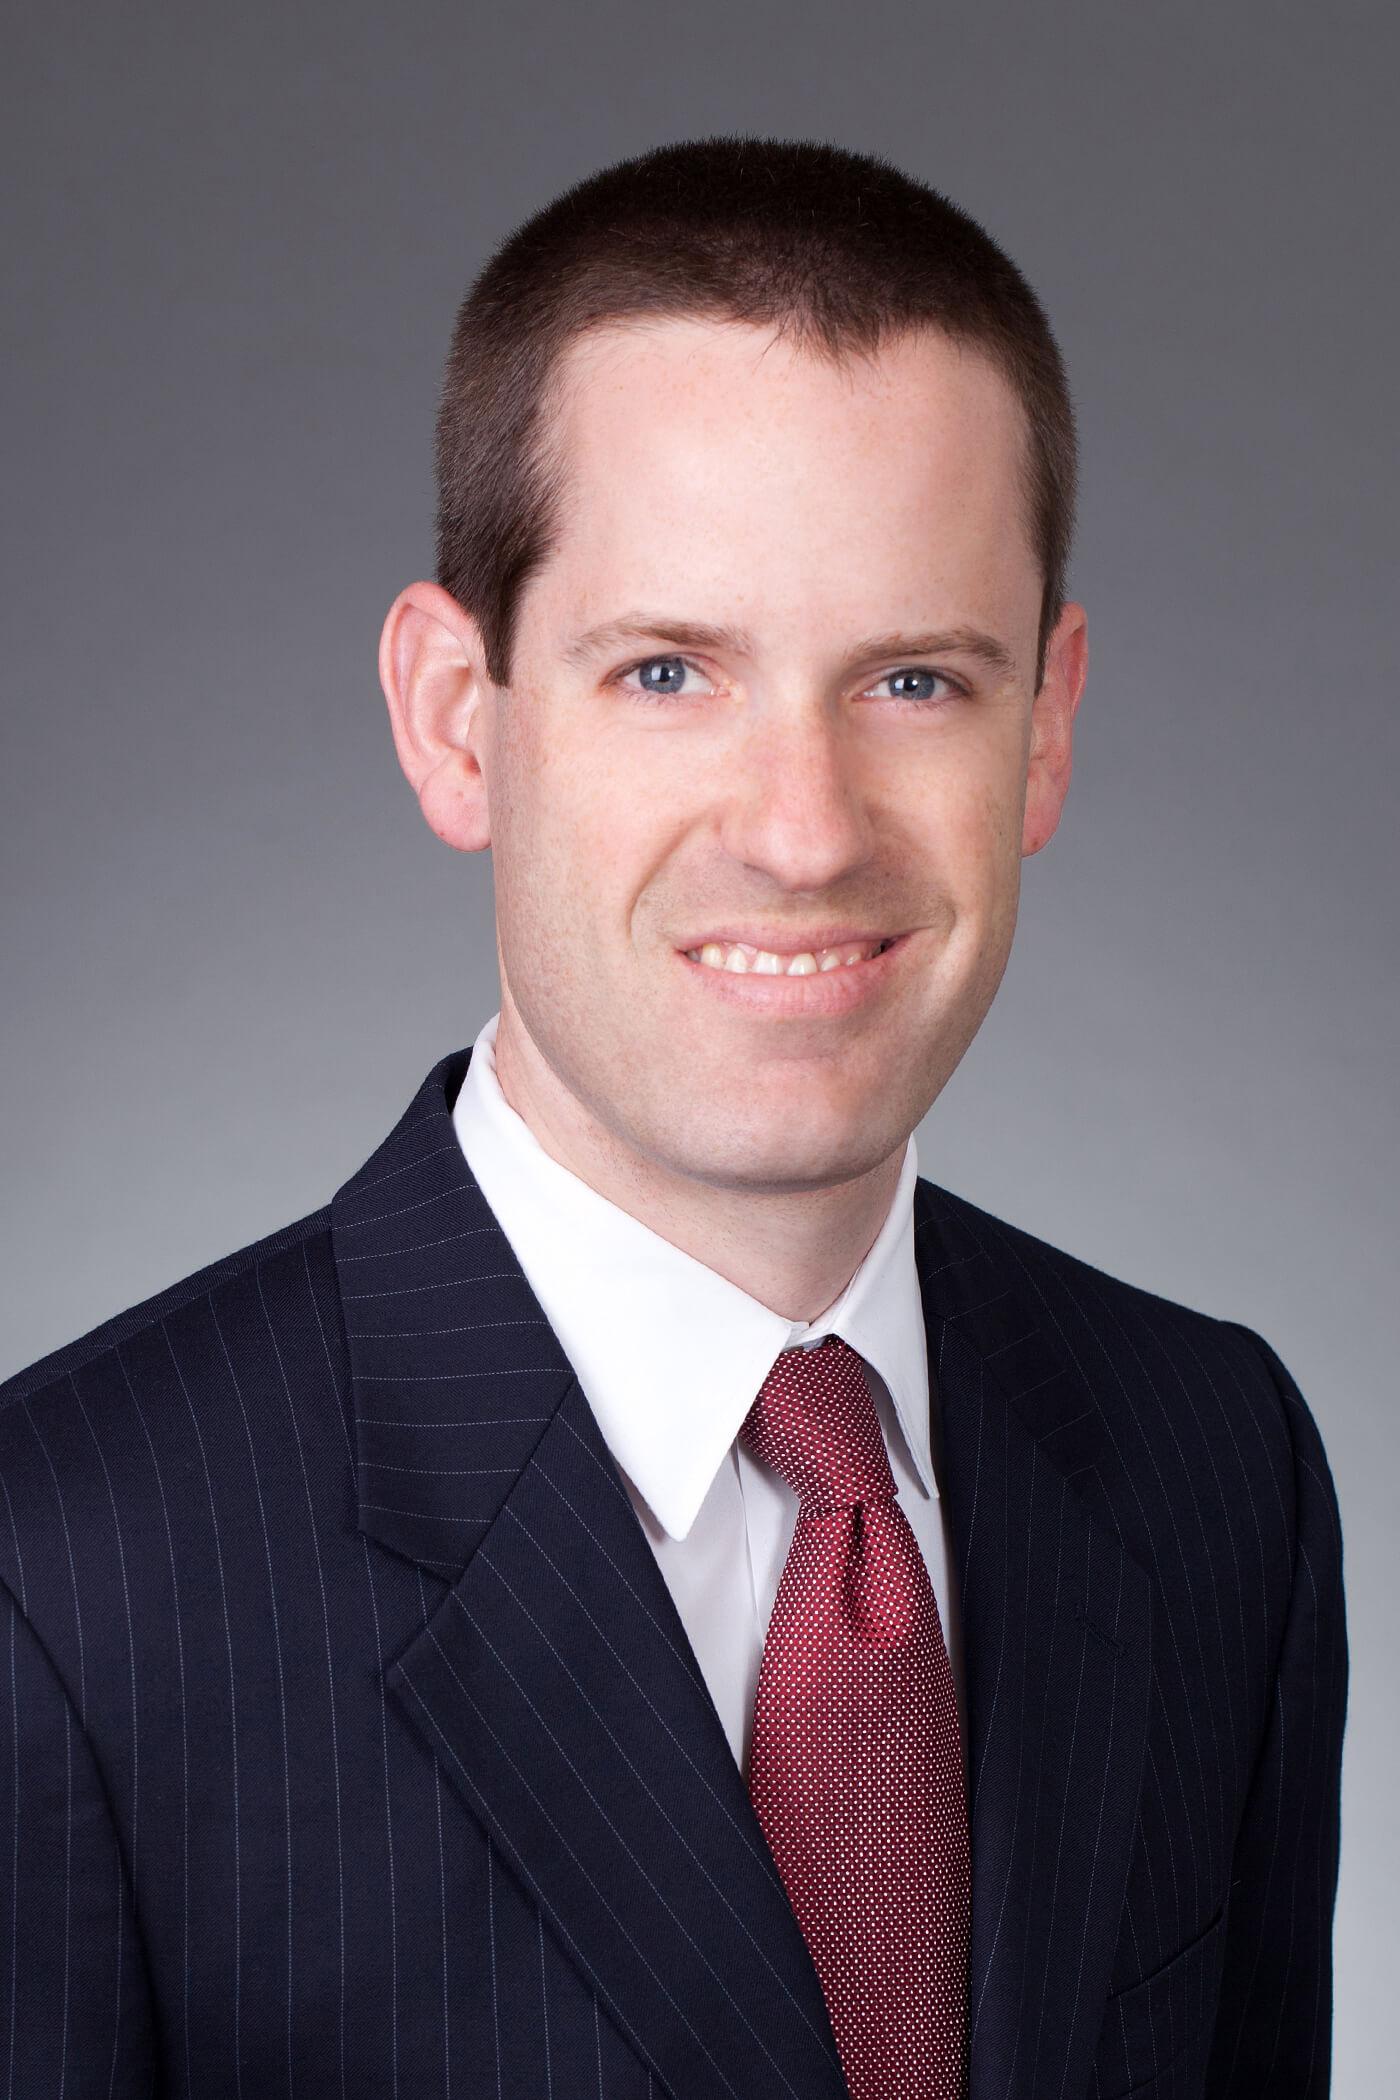 Thomas Warren